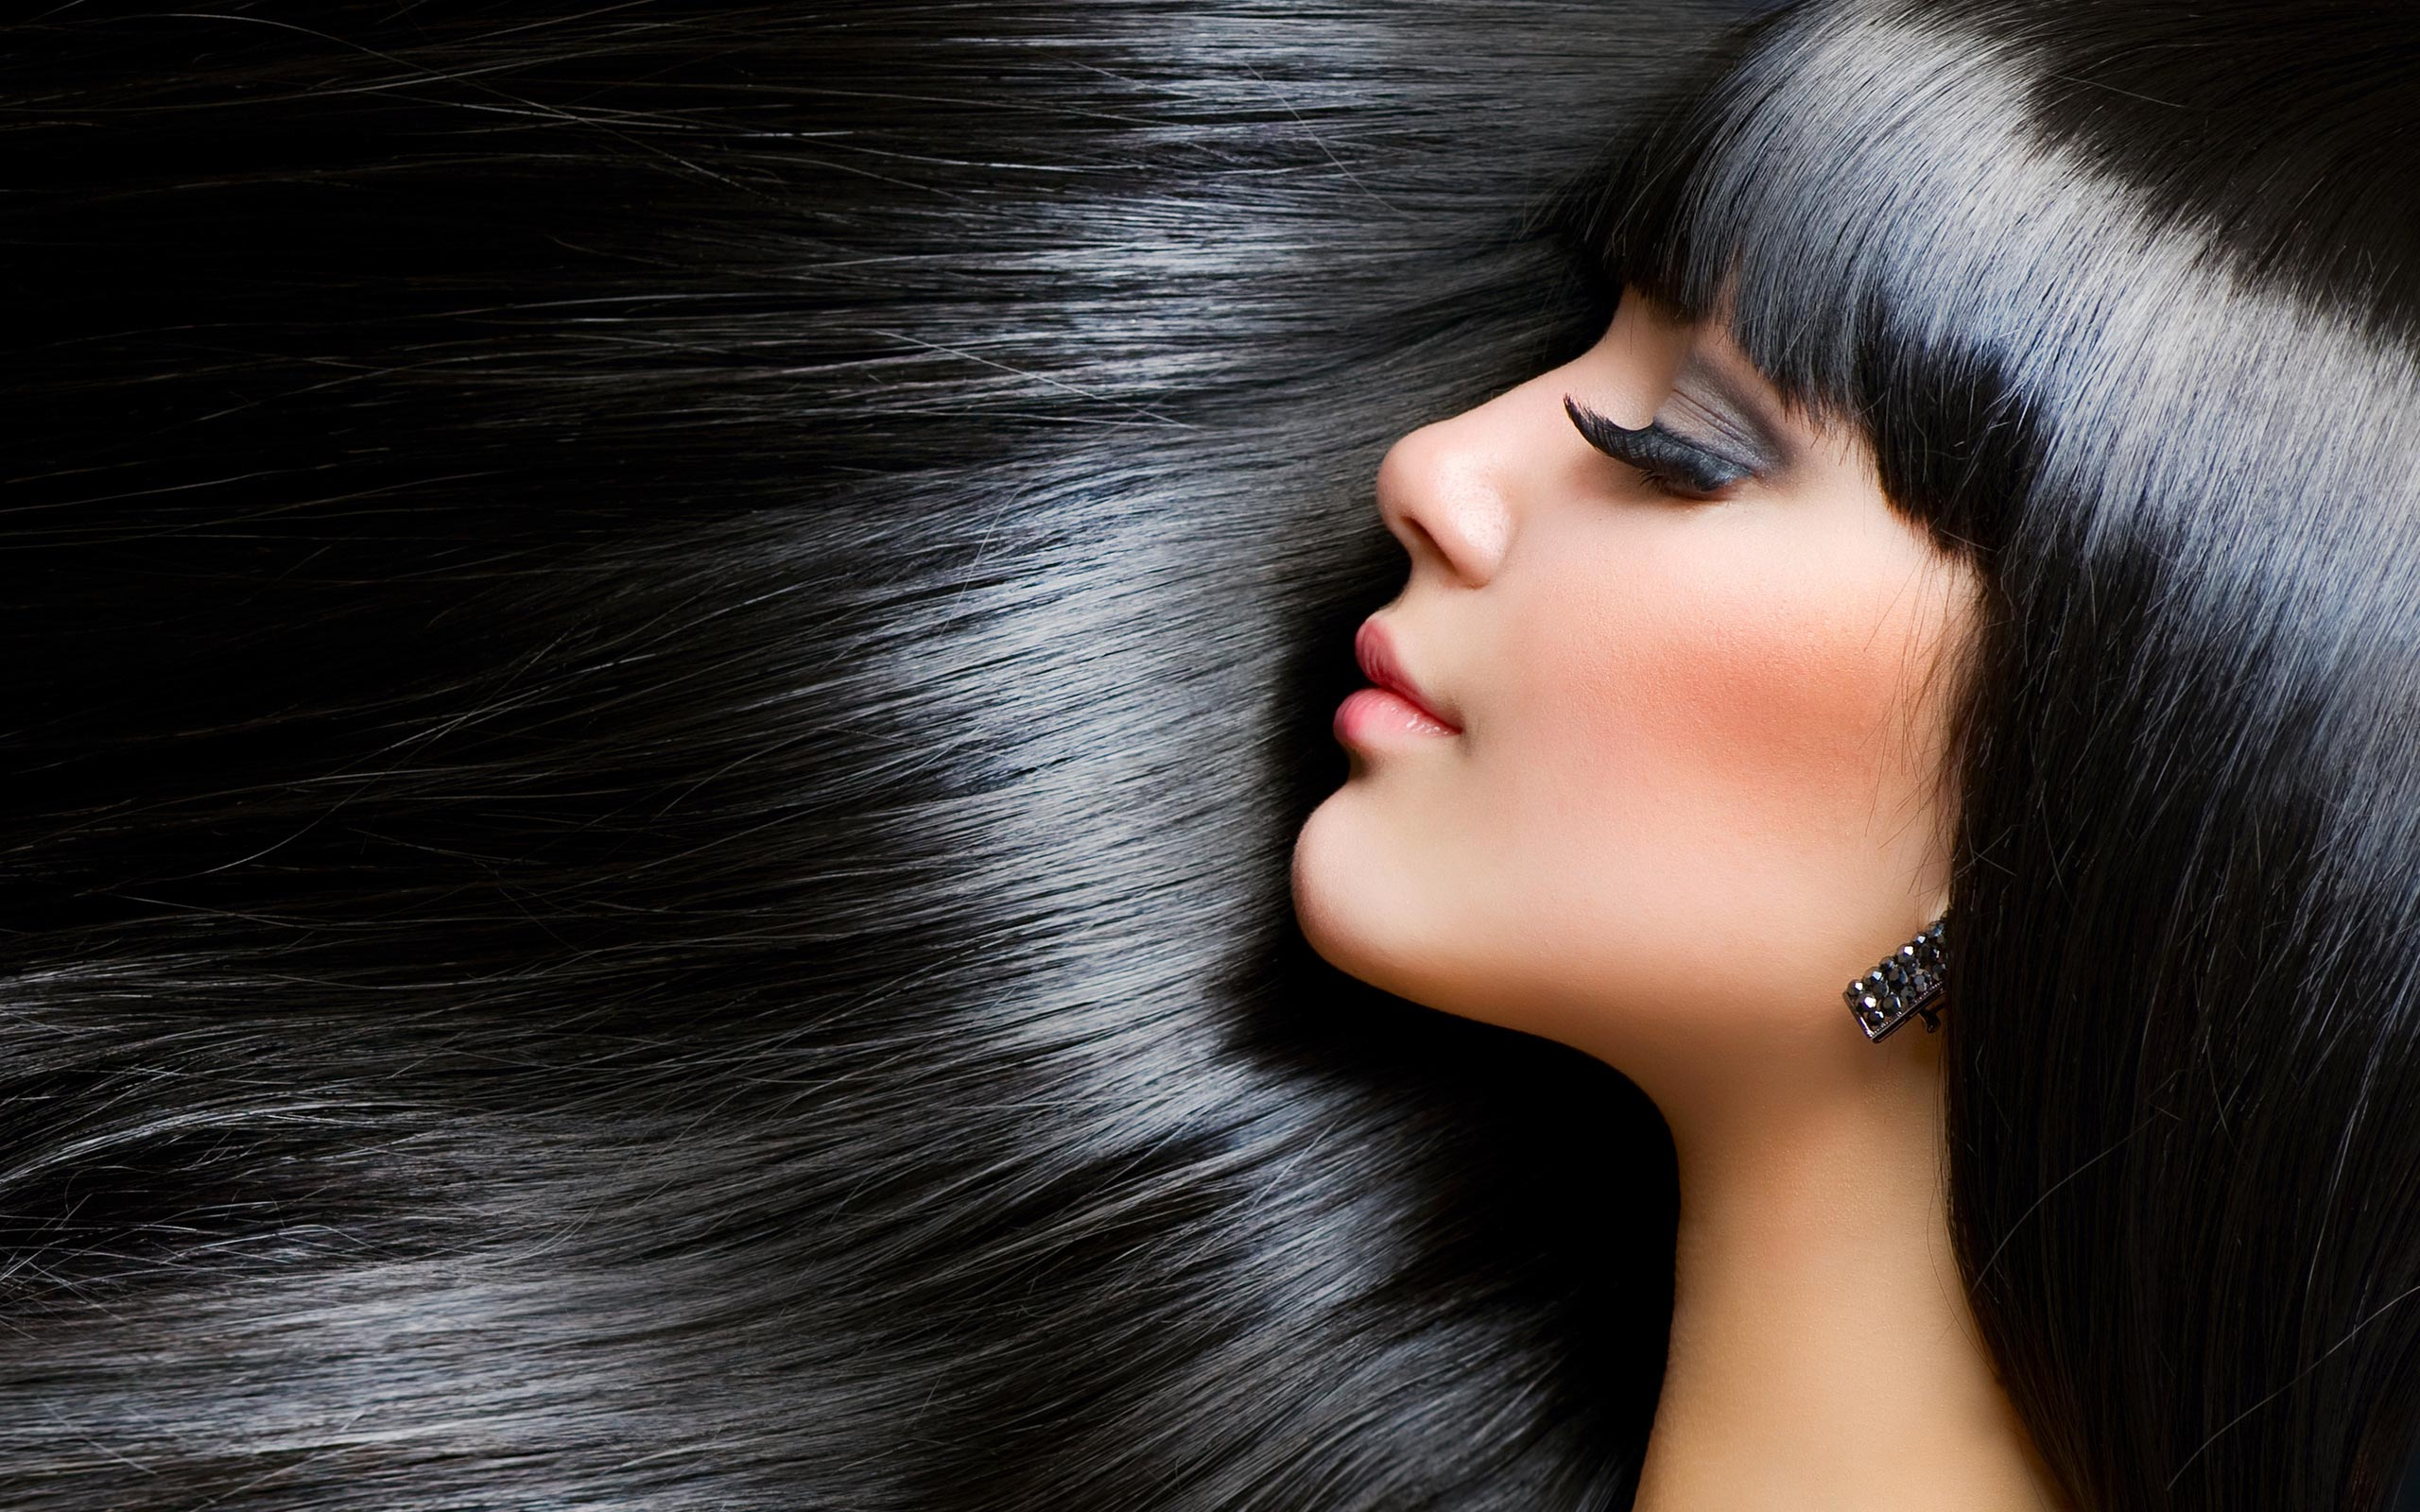 Μυστικά ομορφιάς για πλούσια και λαμπερά μαλλιά 5a3e63cf526